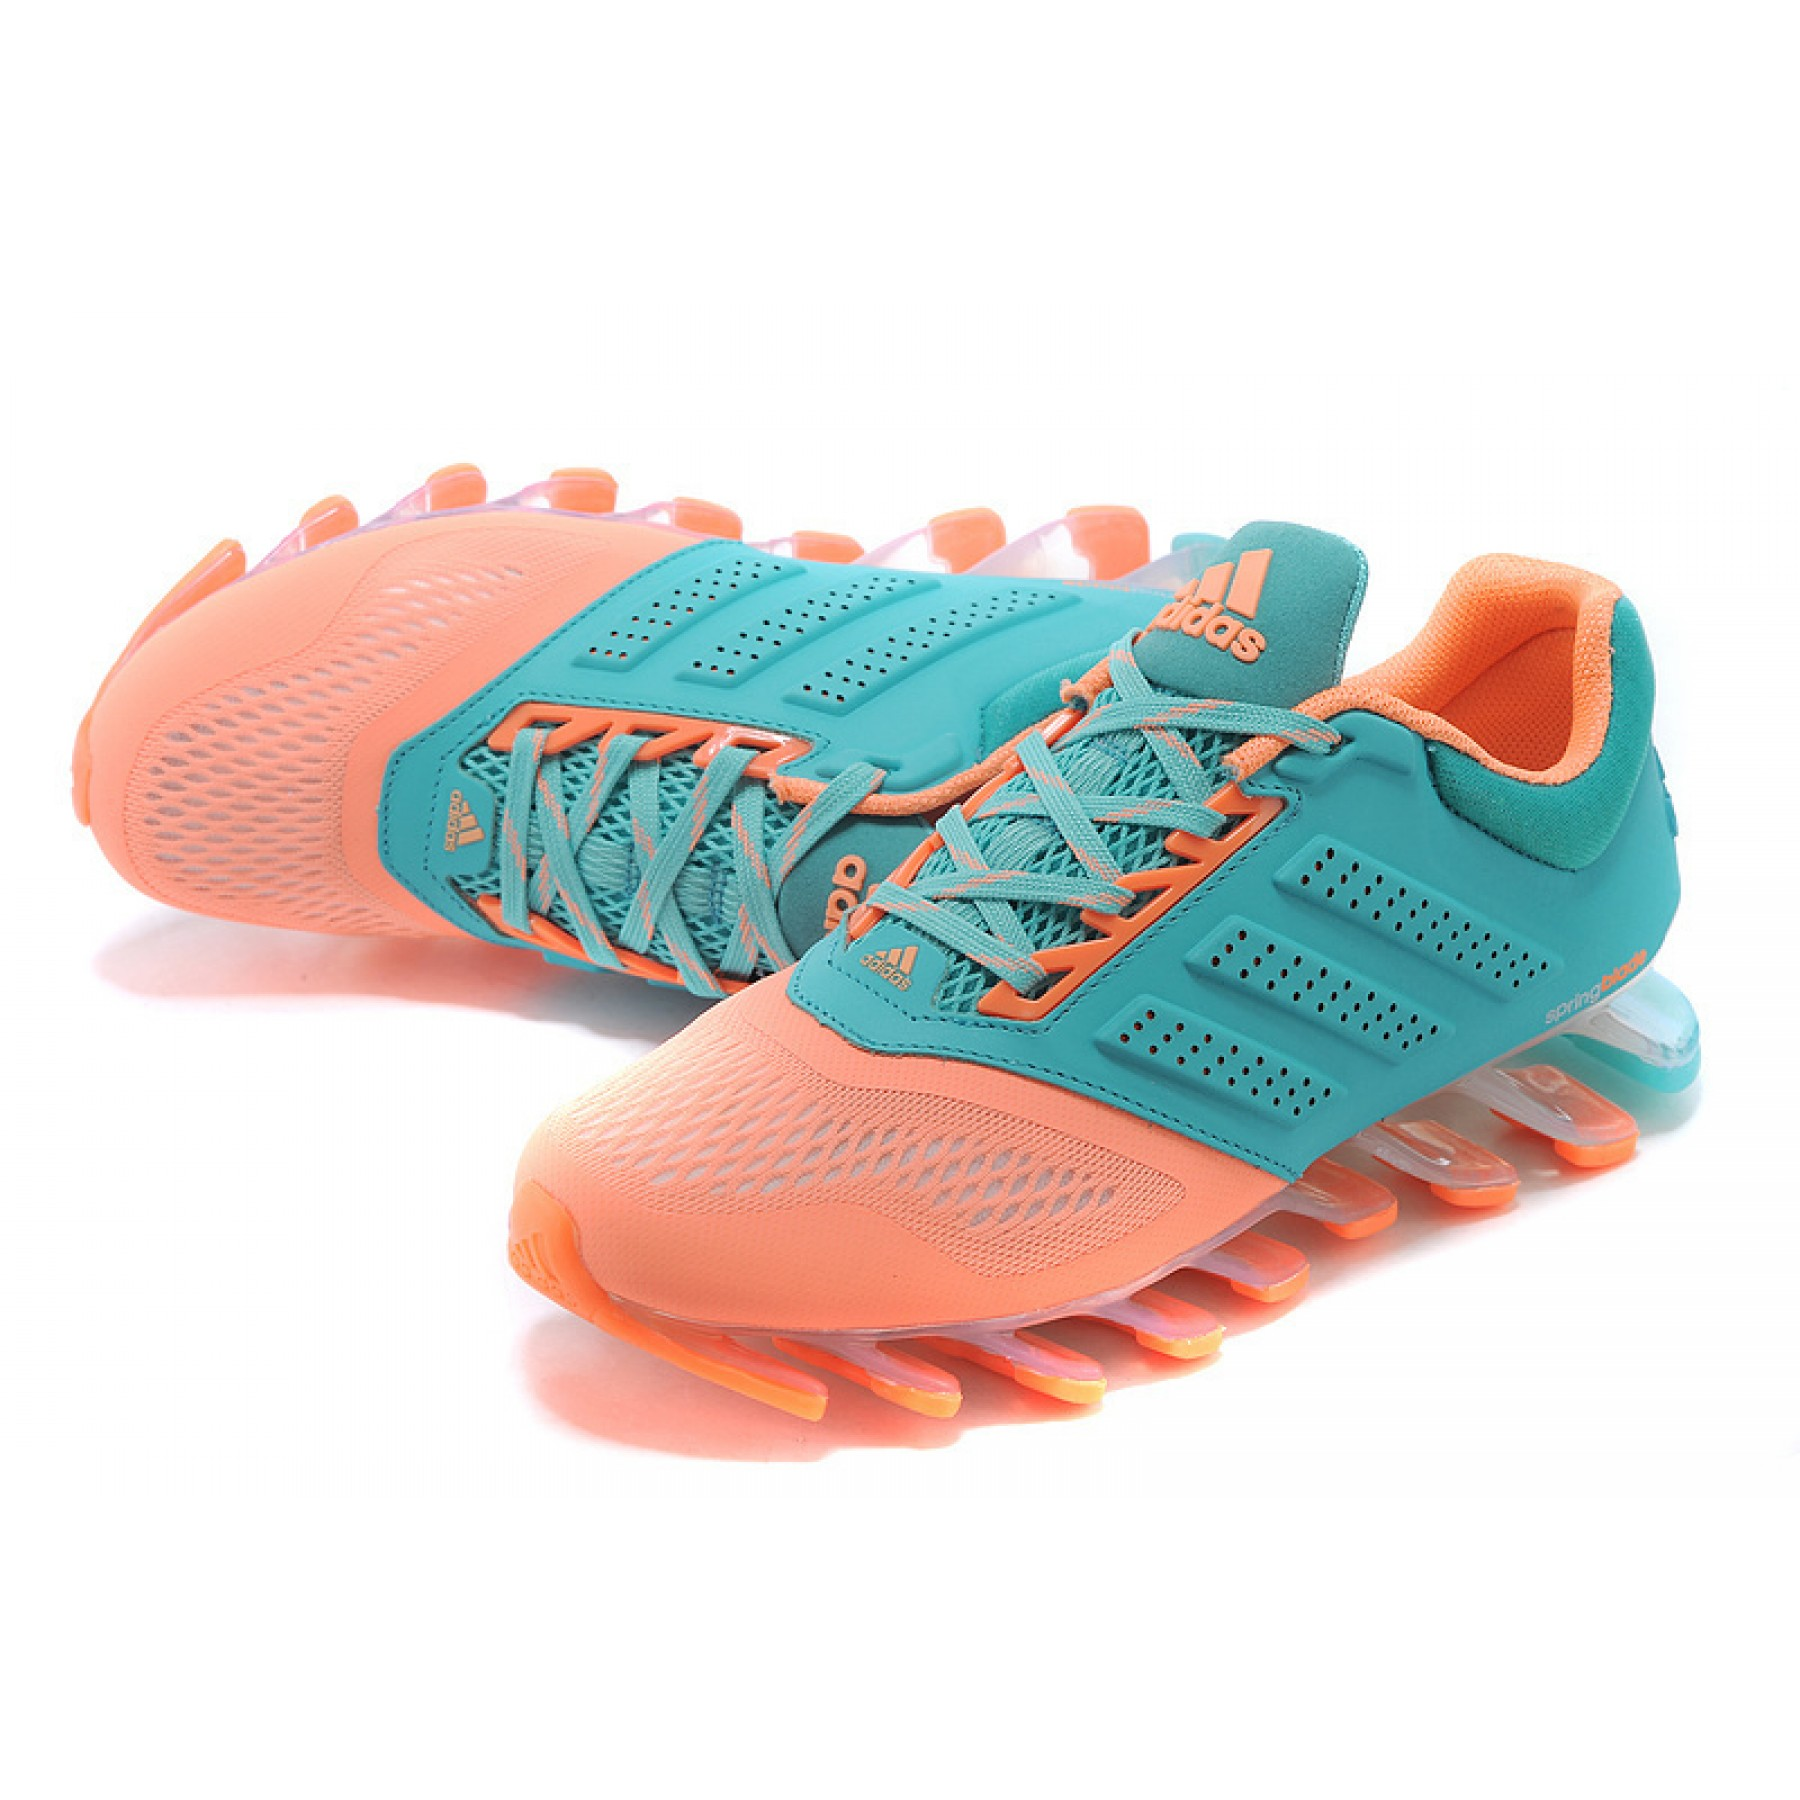 d7a0c551943 Tênis Adidas SpringBlade Drive 2.0 Feminino Cor Azul Claro e Rosa Cod 0545